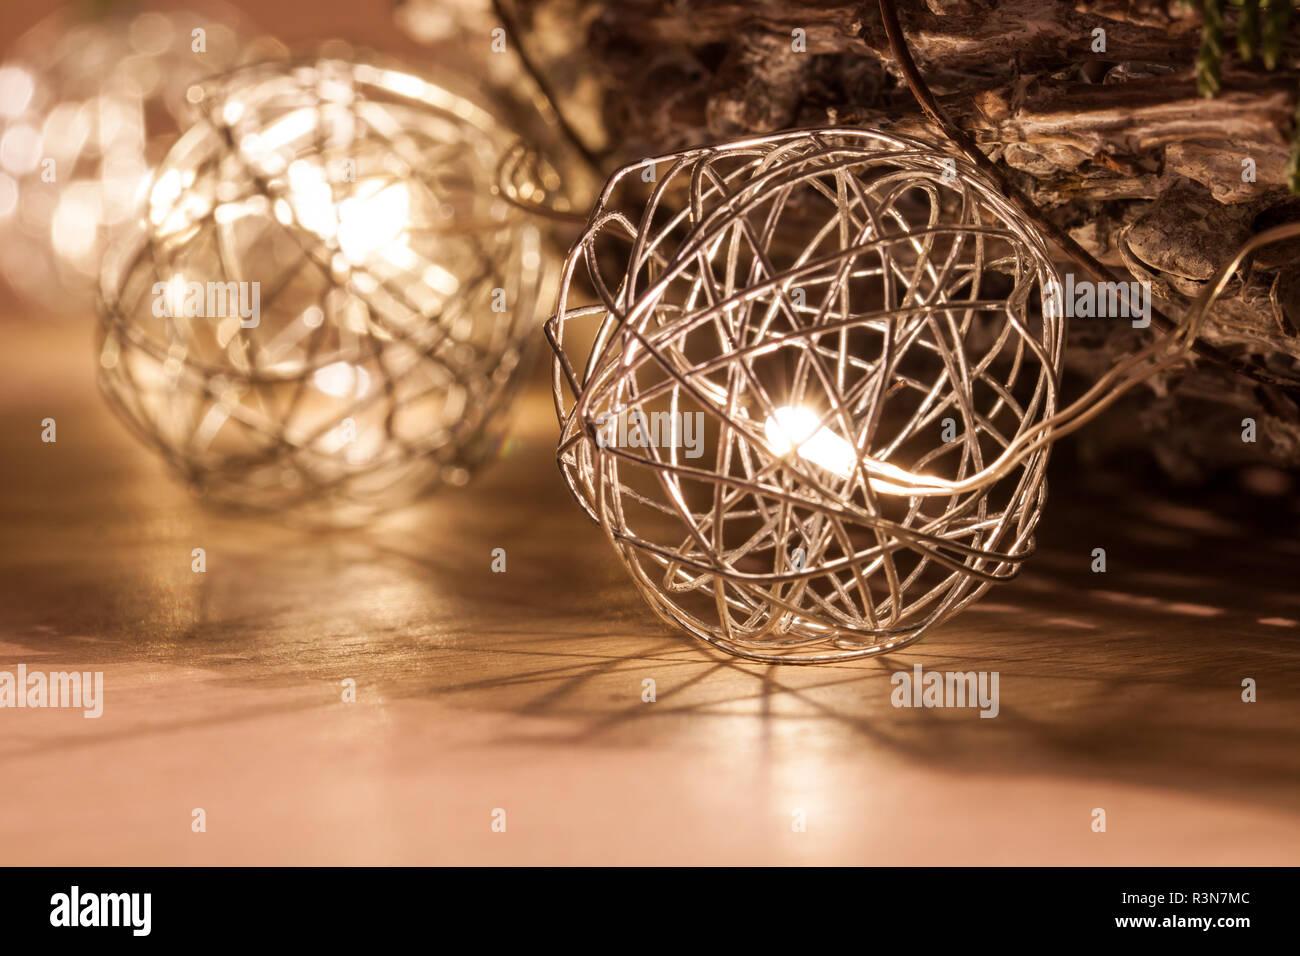 Weihnachtsbeleuchtung Kranz.In Den Käfig Led Weihnachtsbeleuchtung Led Leuchten Um Den Kranz Mit